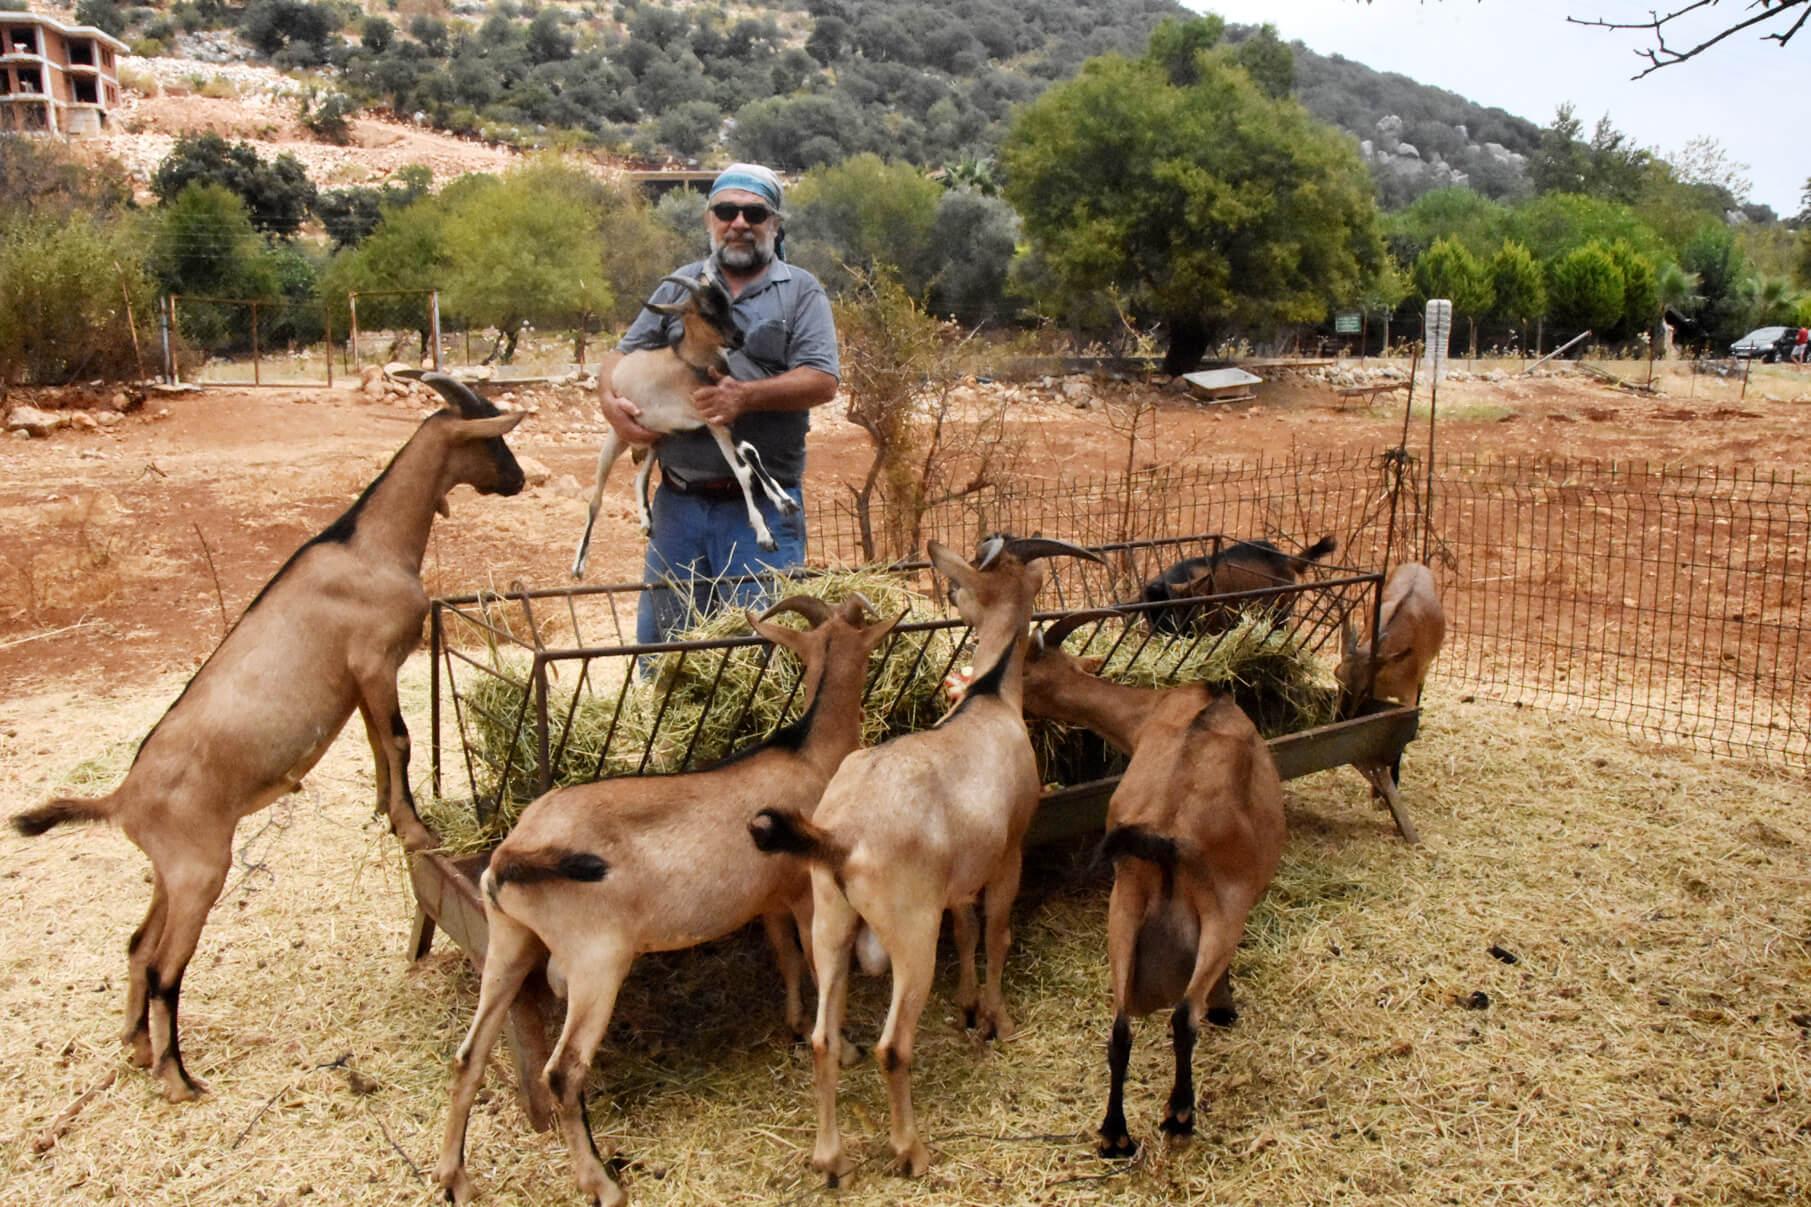 Alpin keçisi ve yaban keçisi çiftleşmesi sonucu yeni bir keçi ırkı ortaya çıkmış olabilir mi?